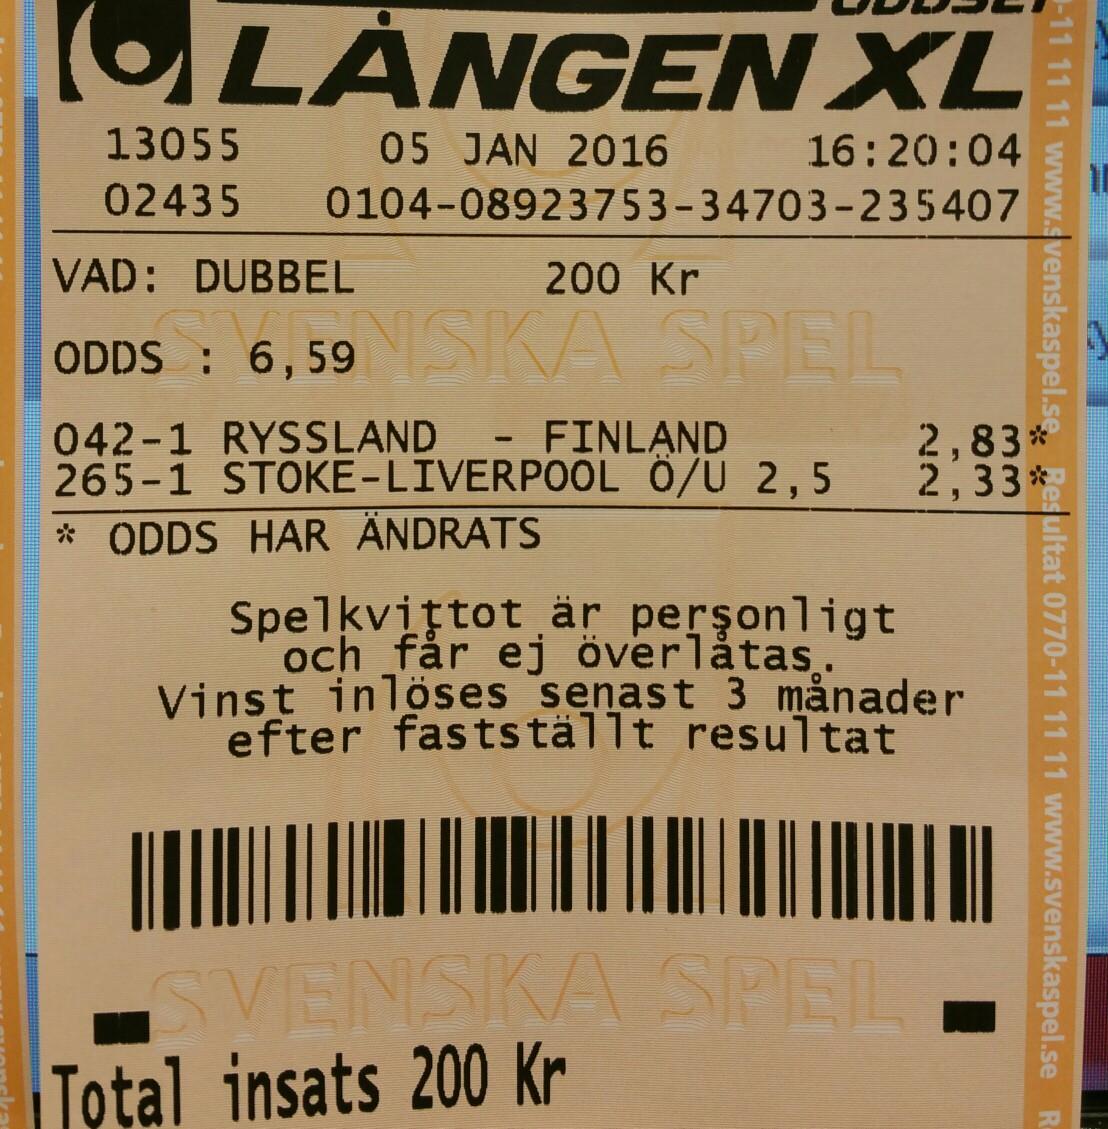 förstora läpparna billigt stockholm 2d917470474f1